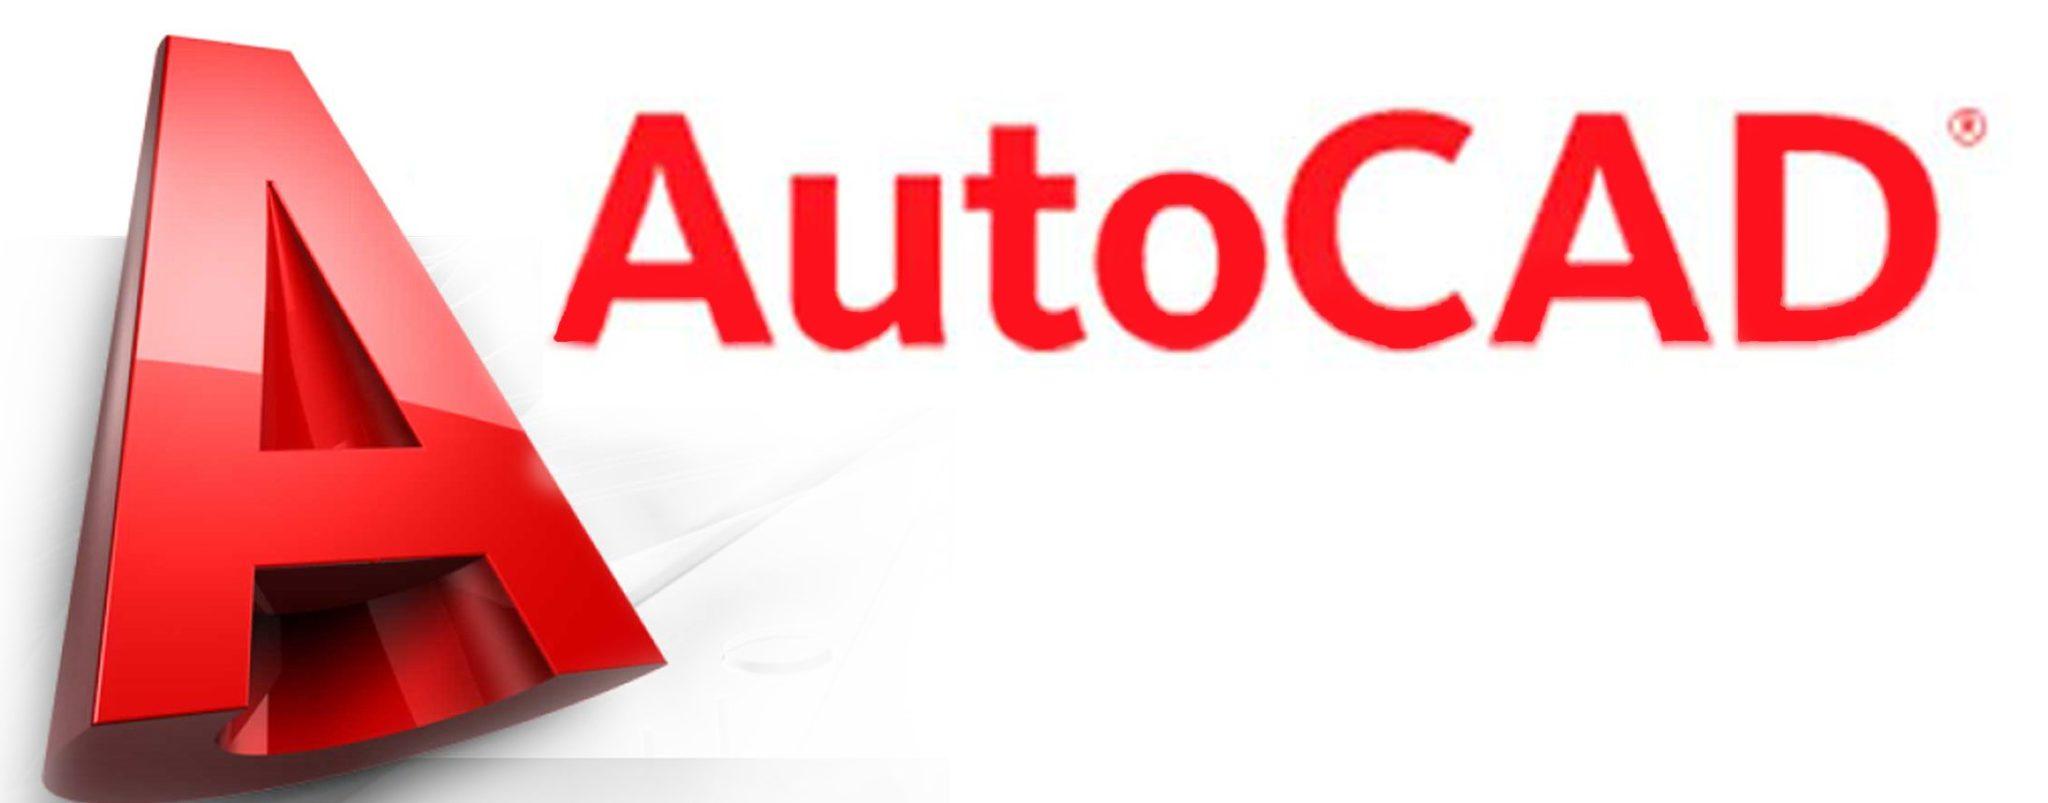 autodesk autocad 2018.0.2 (x64) + keygen rar password